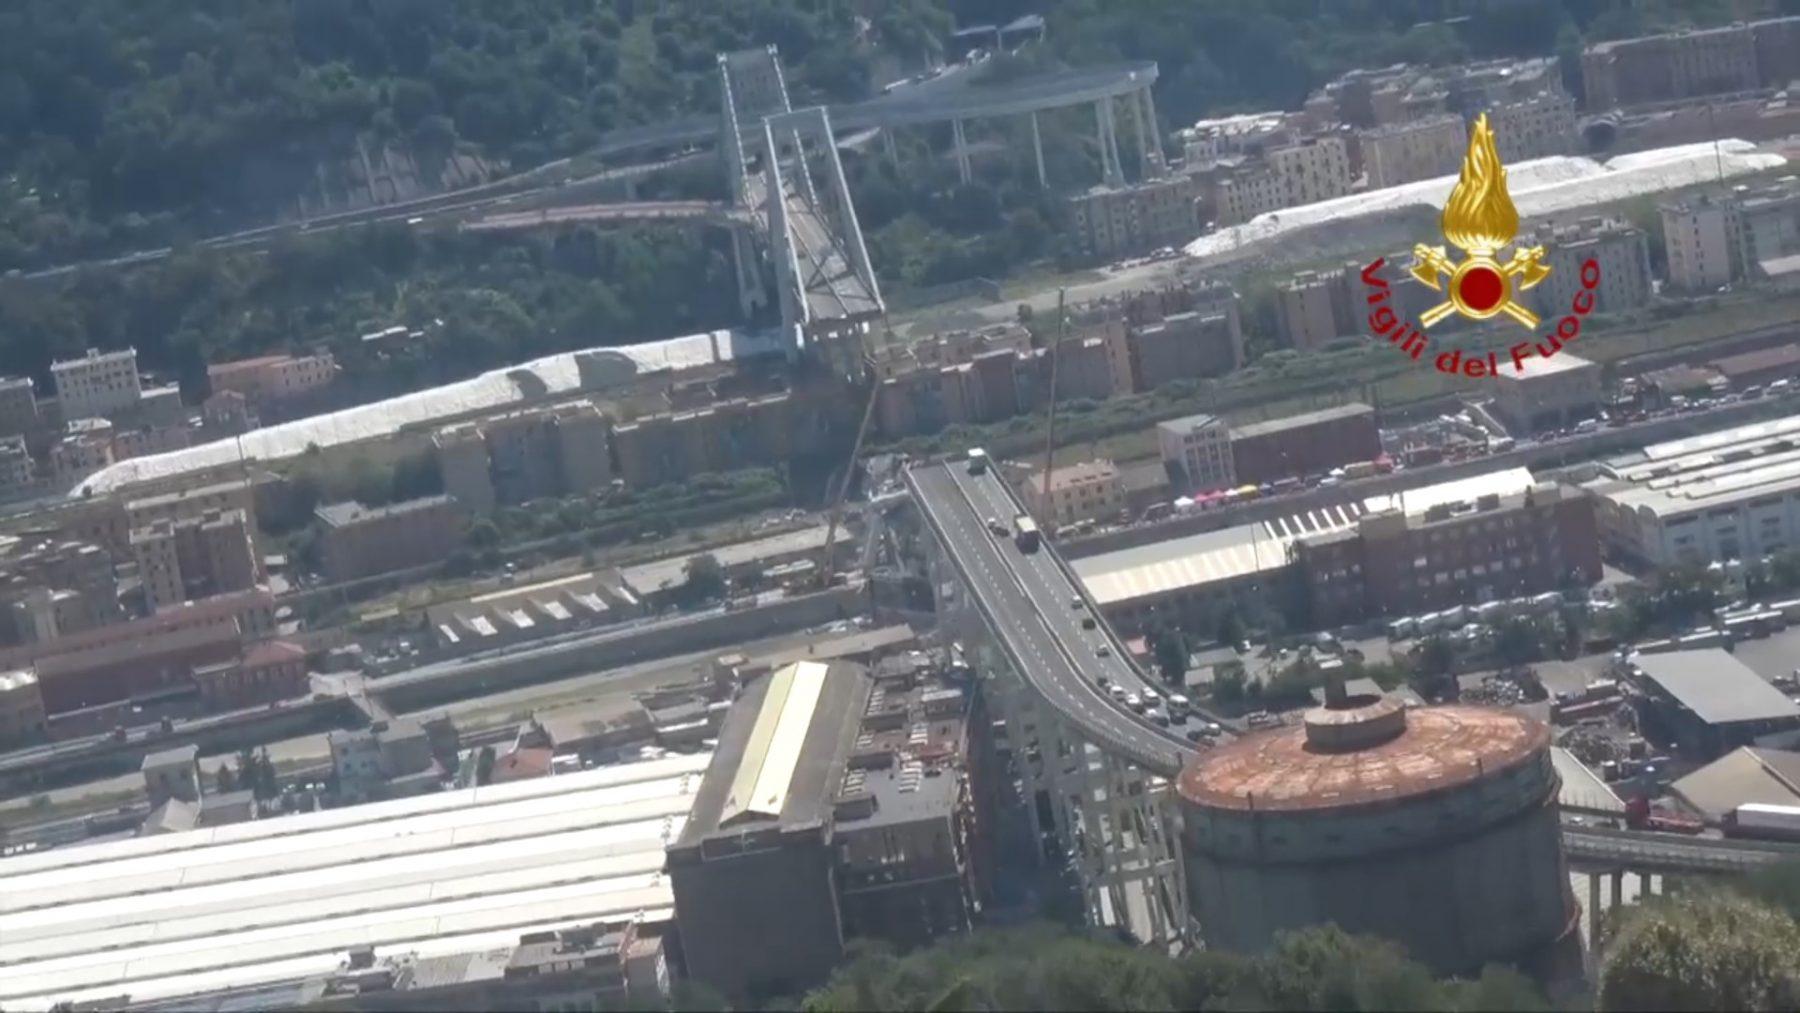 Italia ar putea naționaliza autostrăzile, după tragedia de la Genova